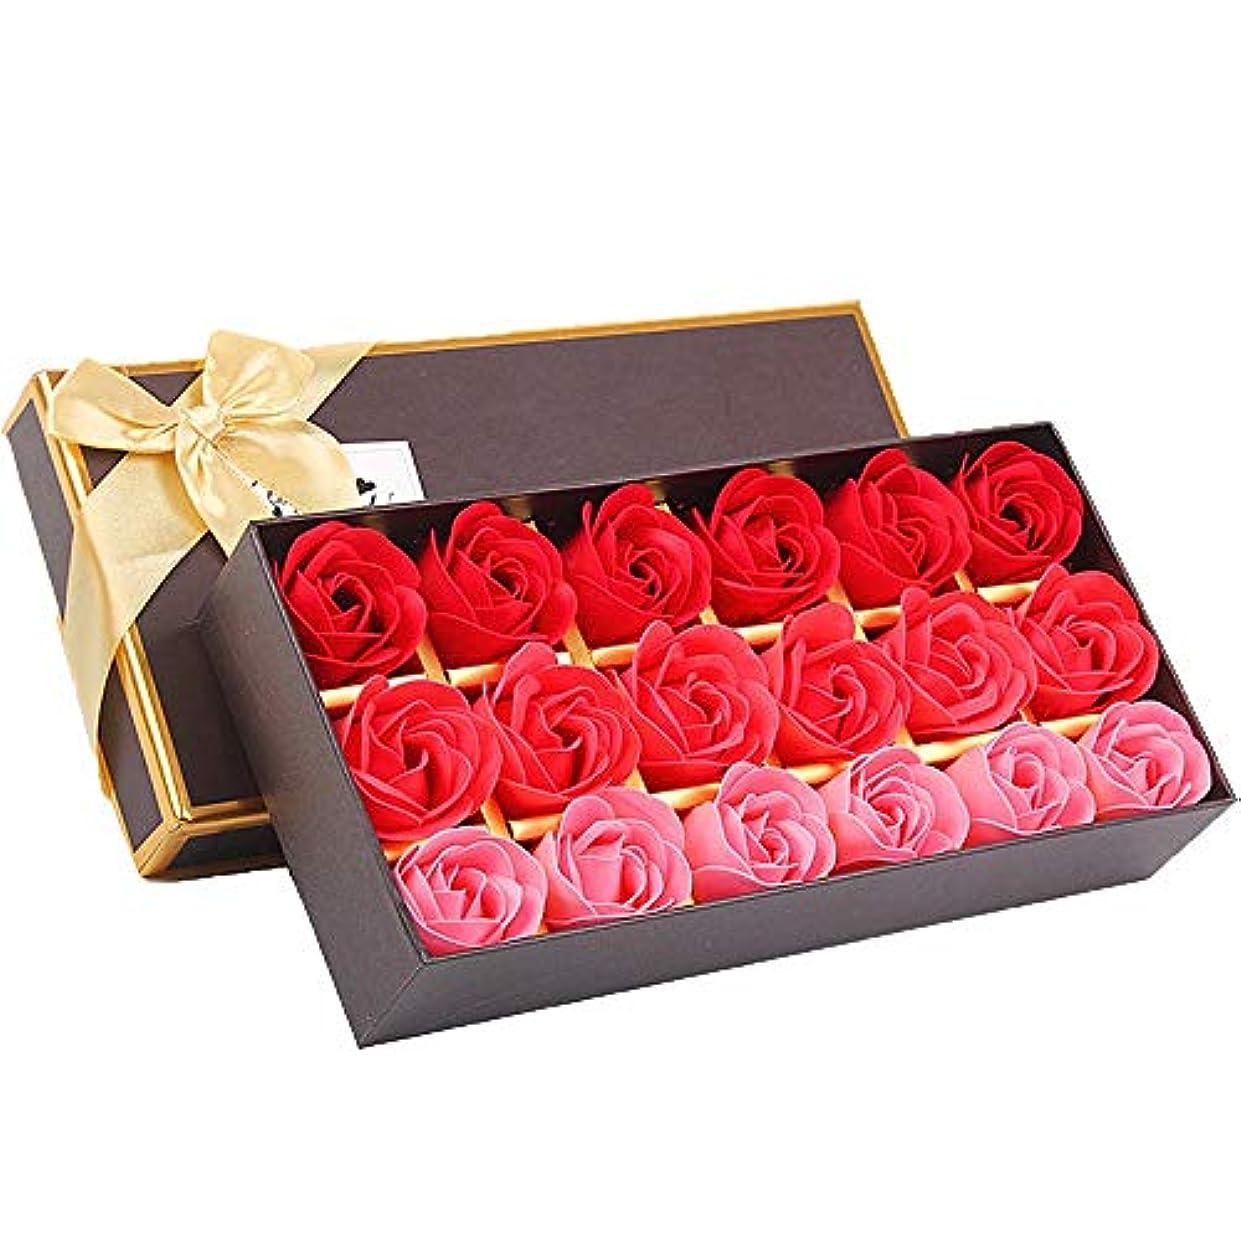 偽装する小人十代の若者たち18個の手作りのローズの香りのバスソープの花びら香りのバスソープは、ギフトボックスの花びらをバラ (色 : 赤)